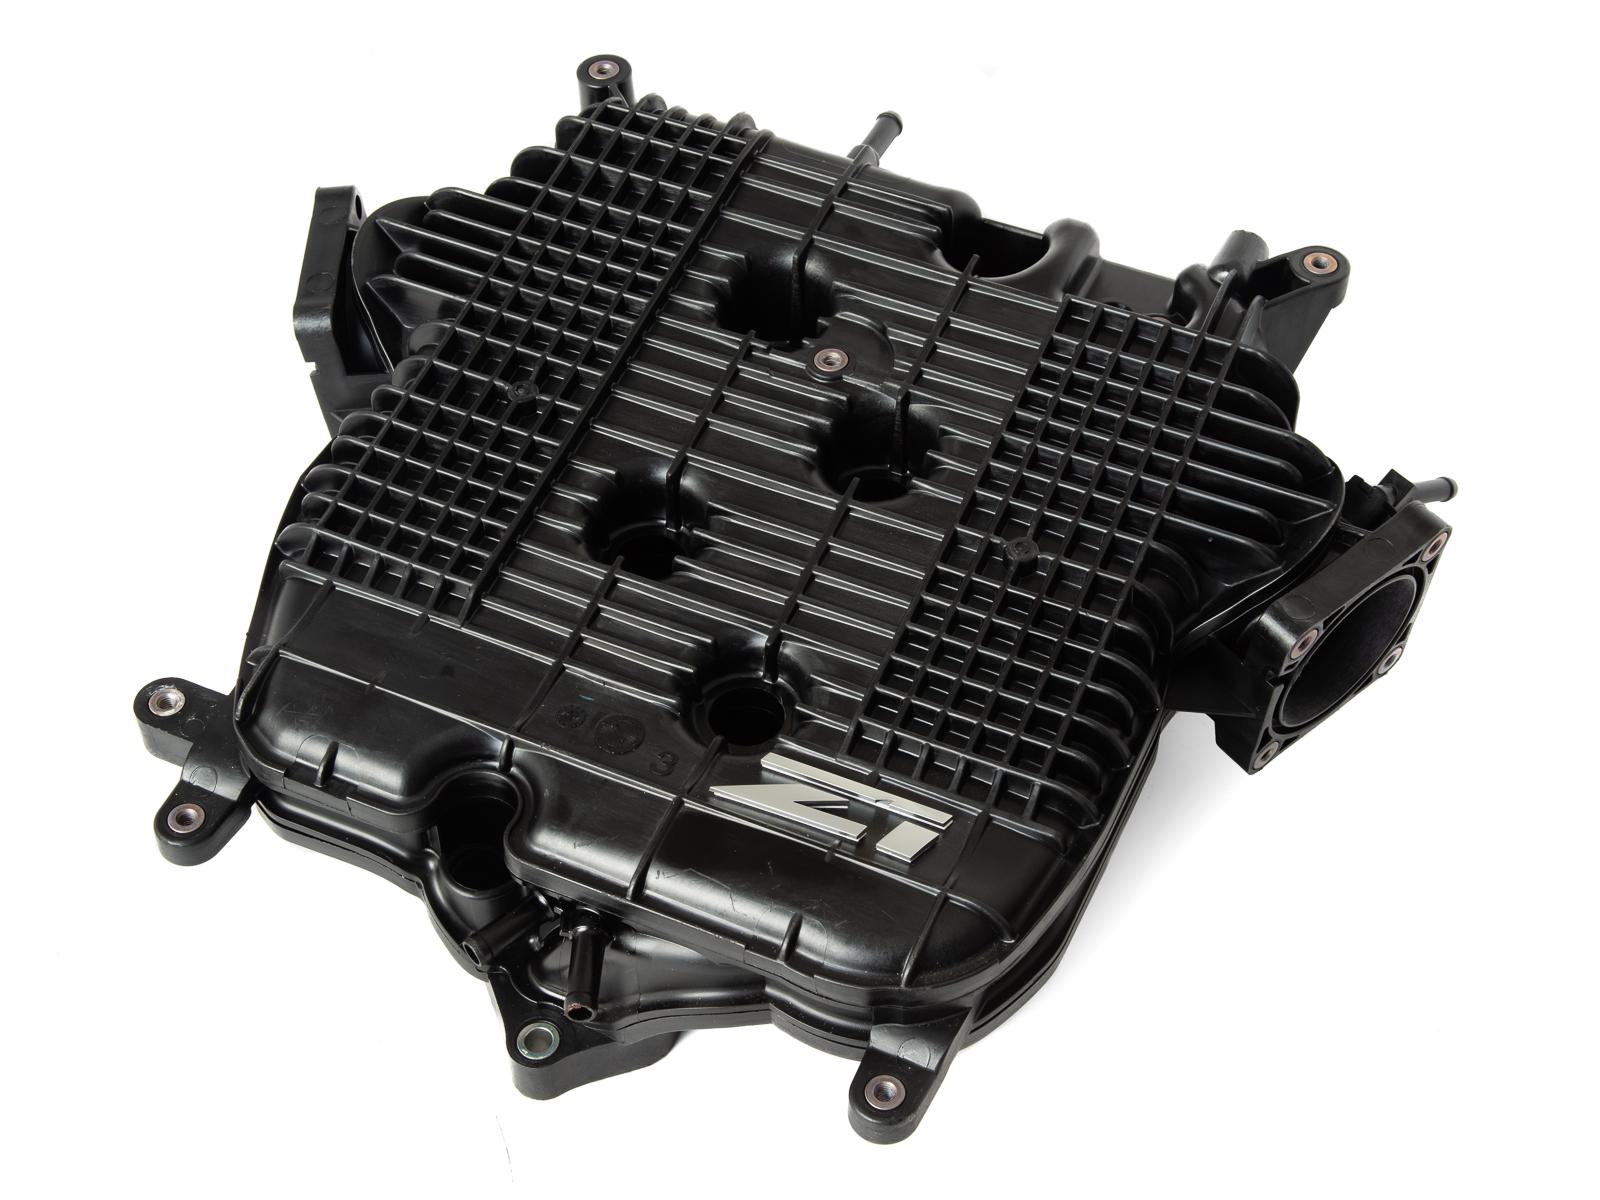 Z1 VQ37 Intake Plenum Power Mod 370Z & G37